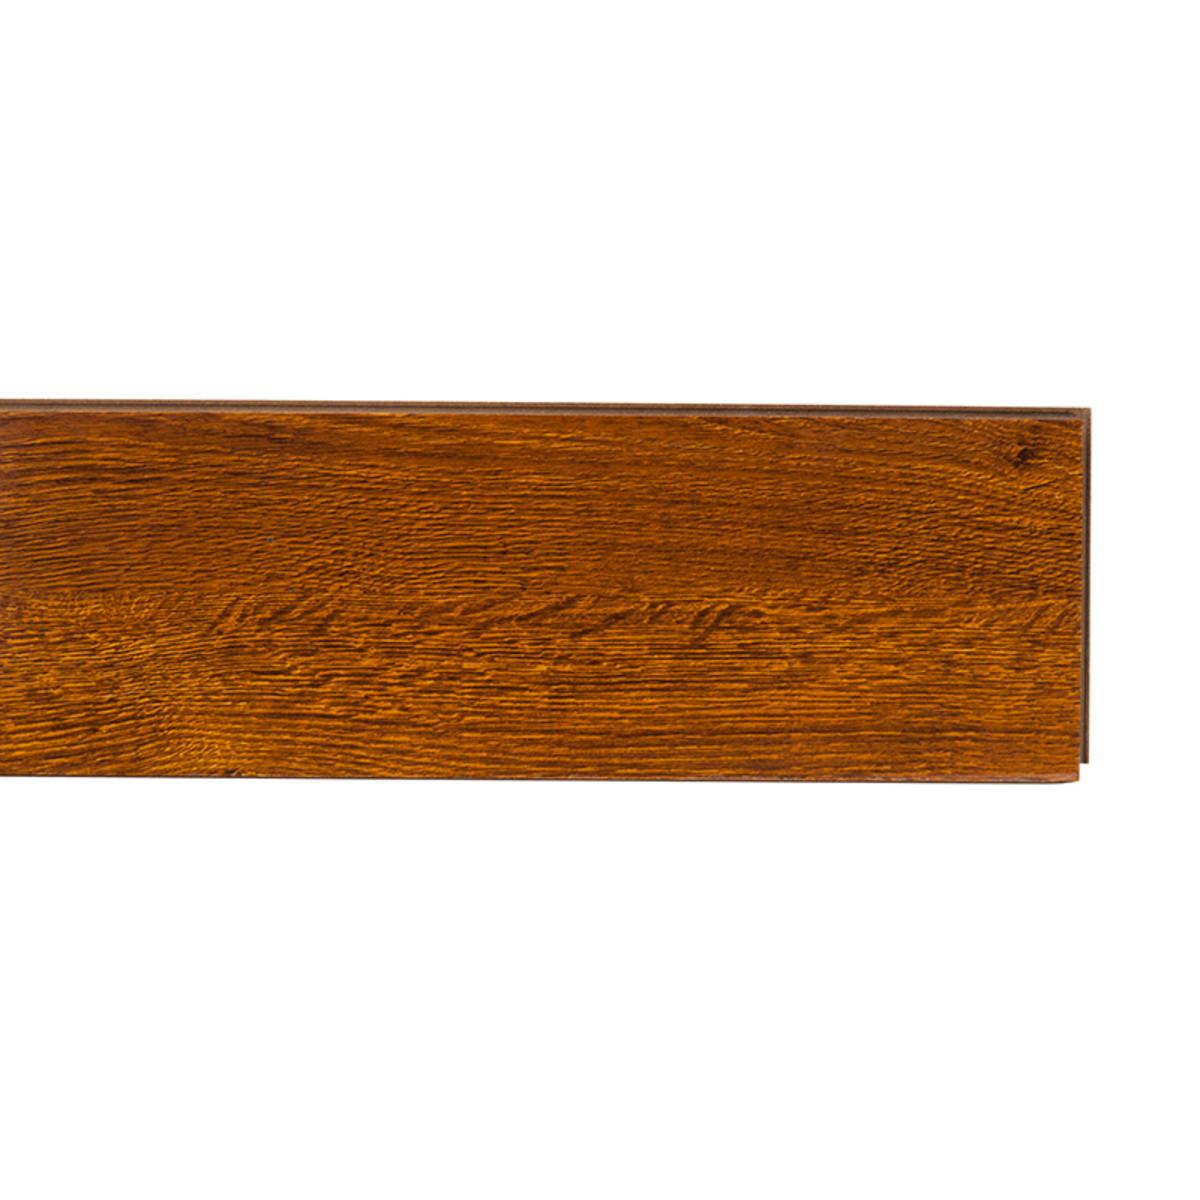 Ламинат Дуб Стеффано 12 мм (1675 м2) 33 класс